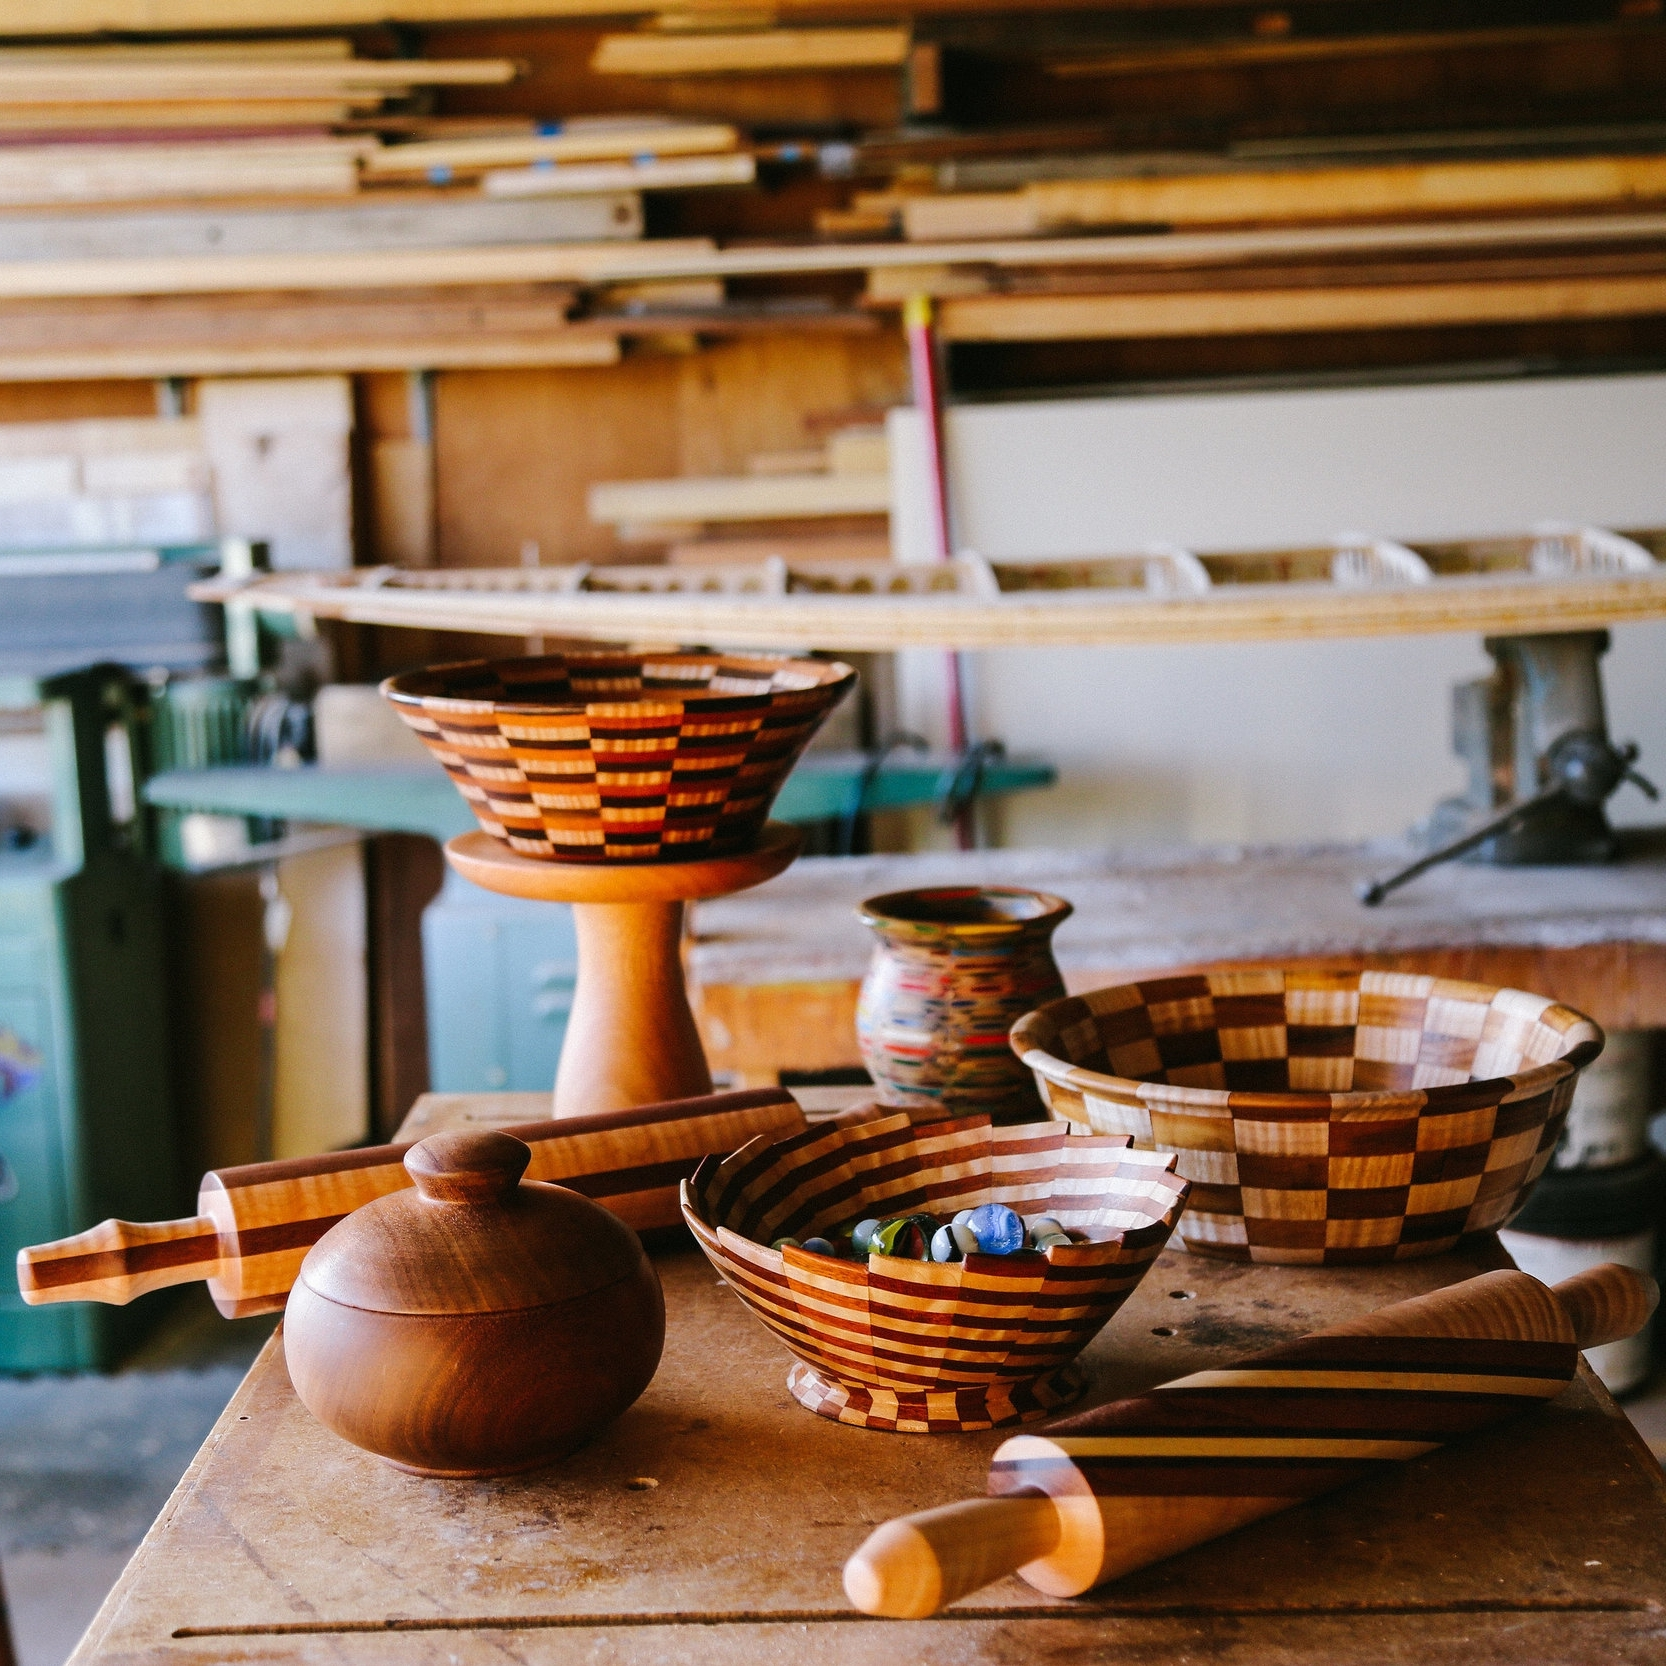 eskew-woodworking-247.jpg